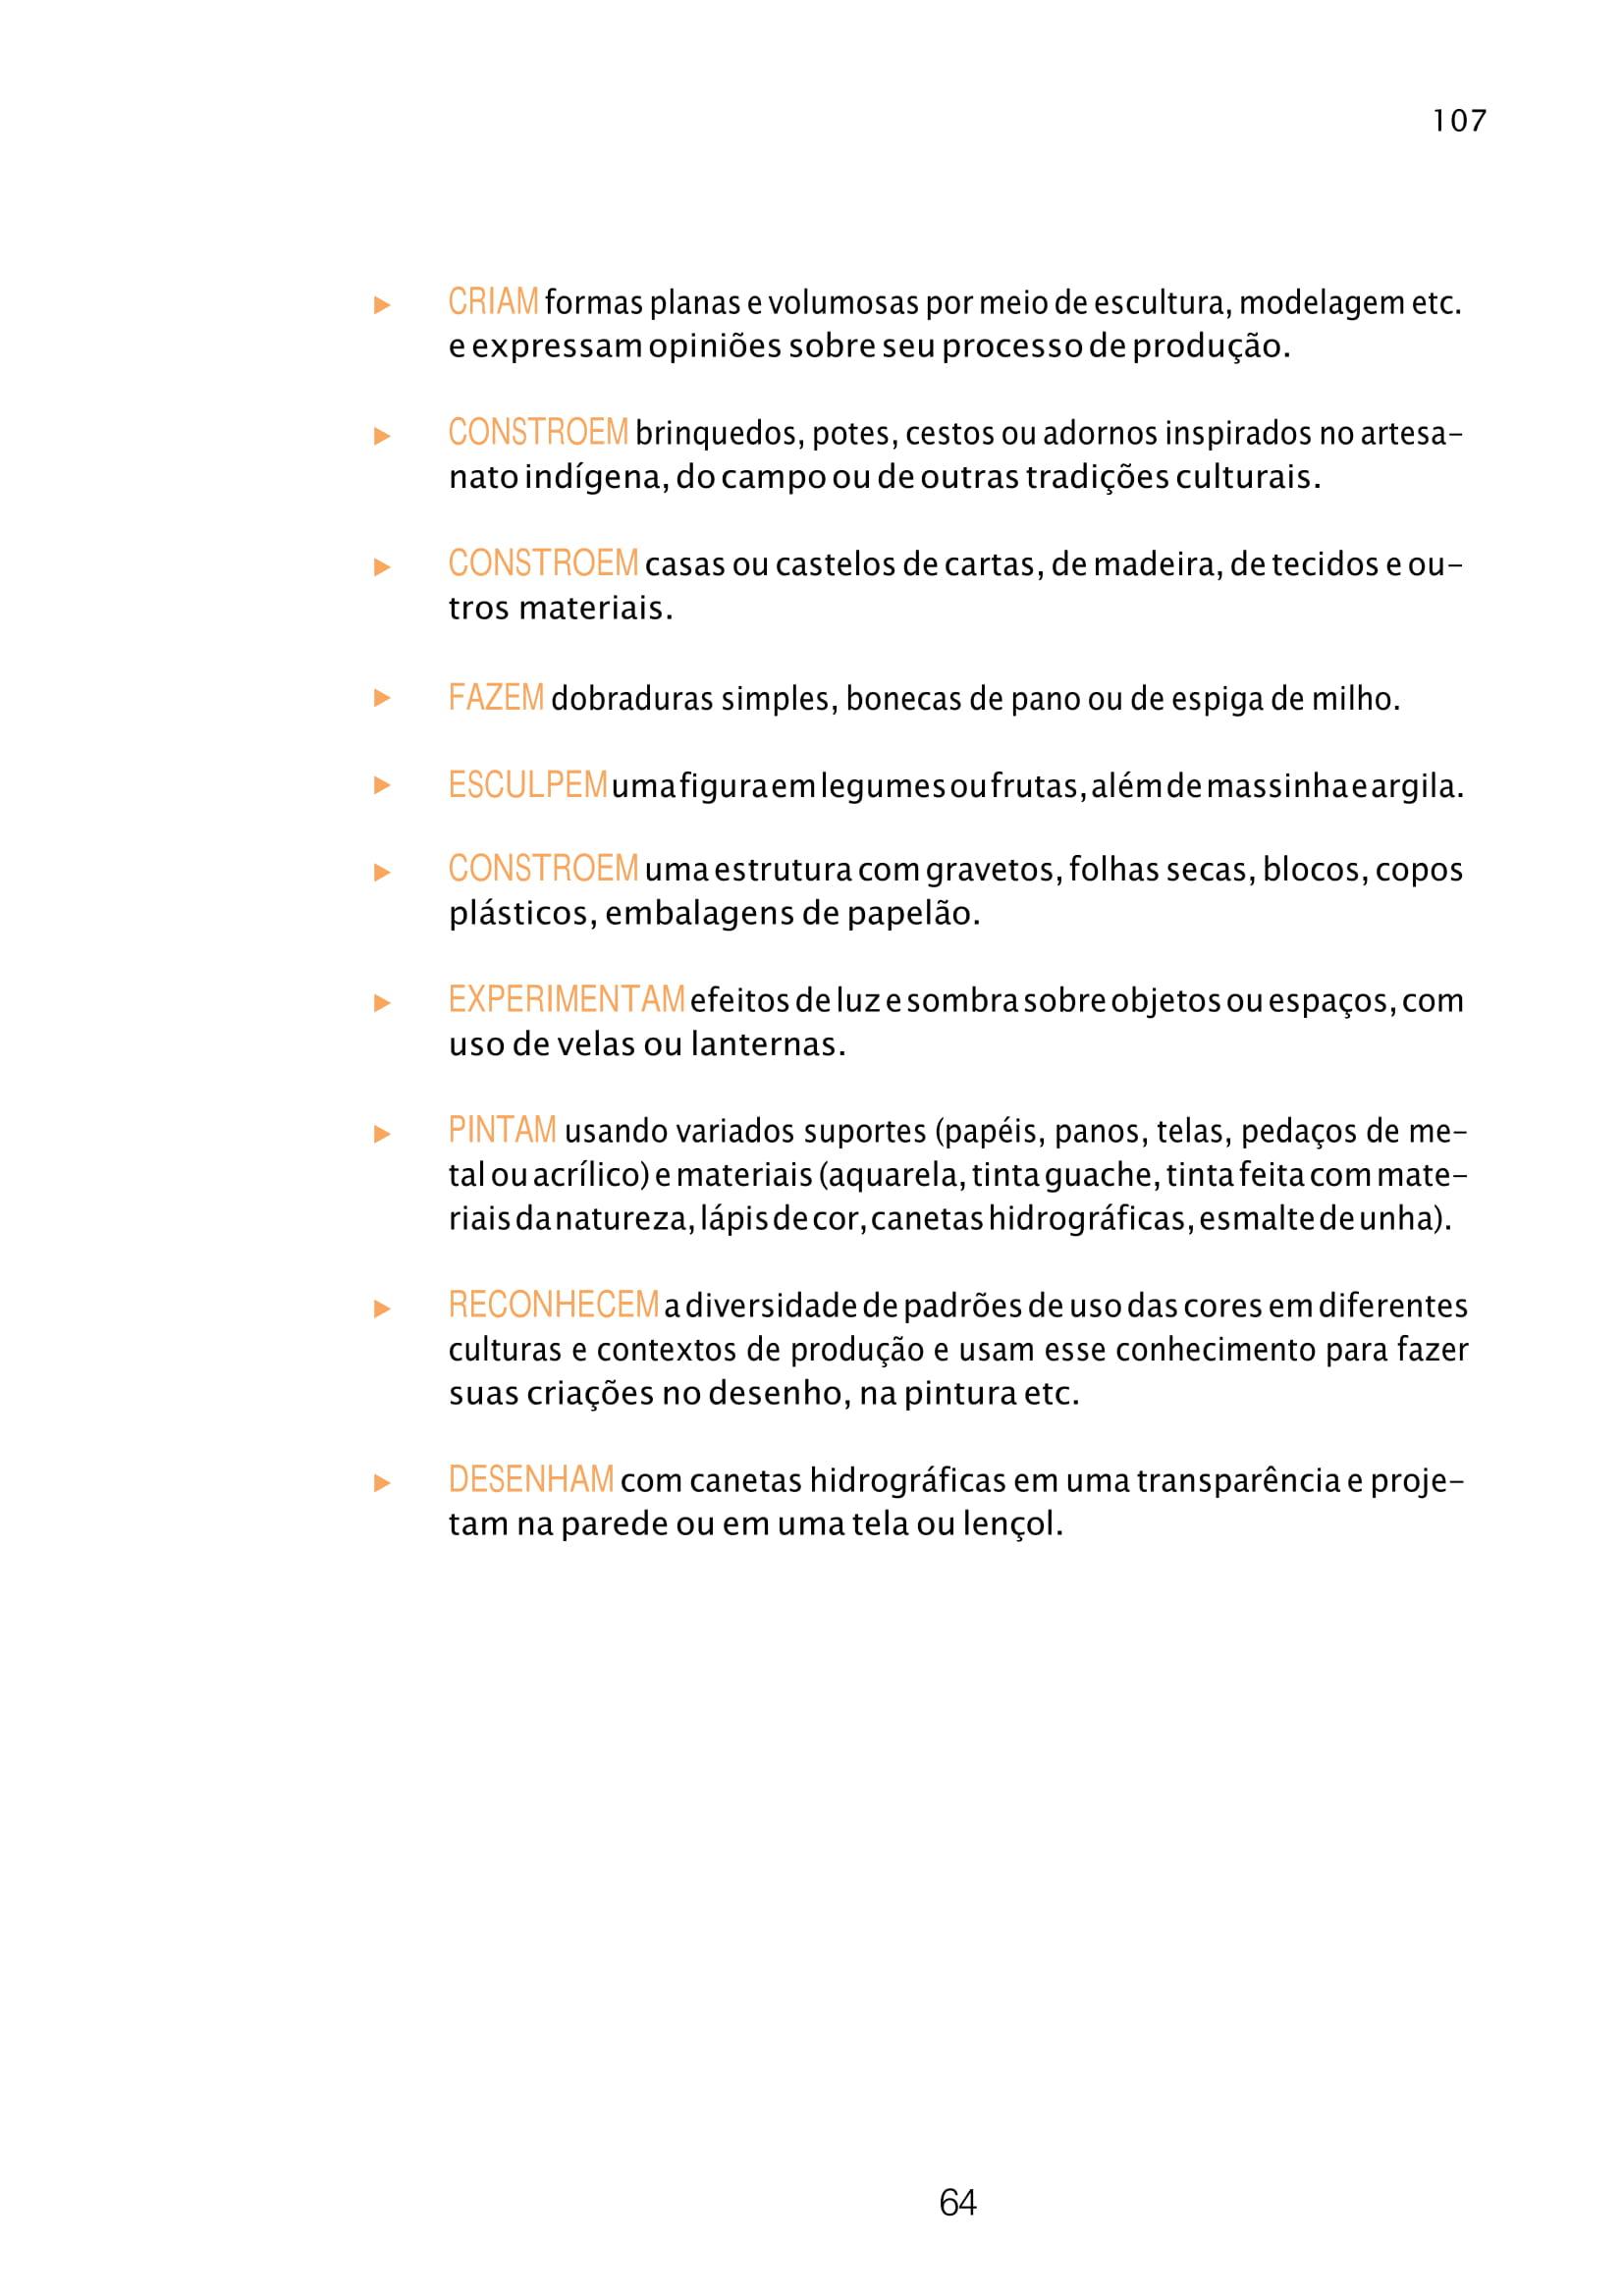 planejamento-educação-infantil-bncc-geral-137